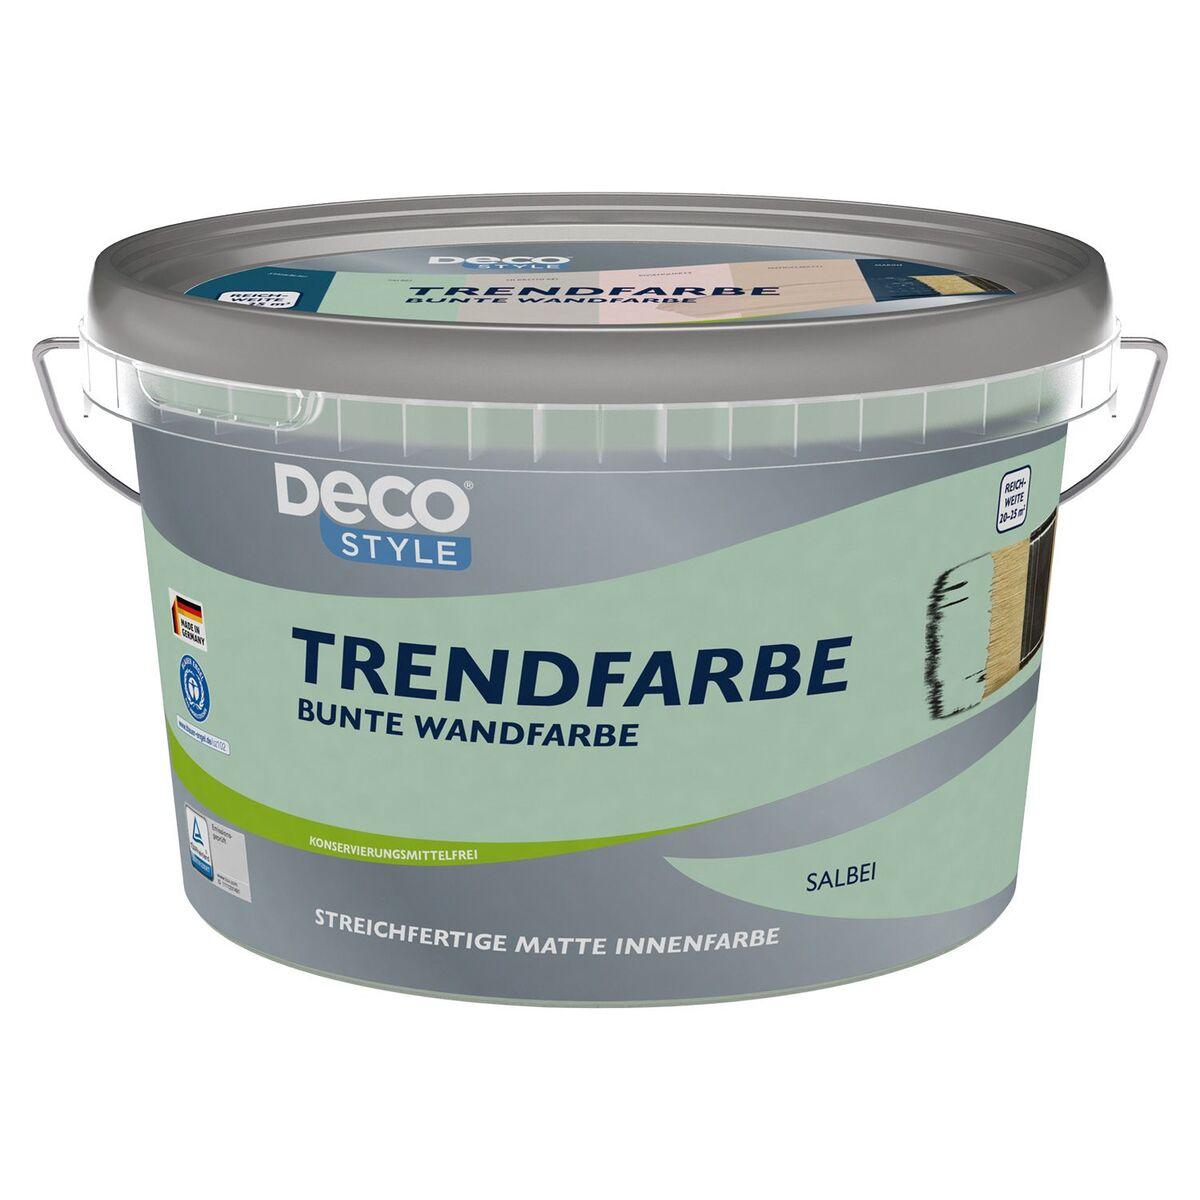 Bild 5 von DECO STYLE®  Trendfarbe 2,5 l